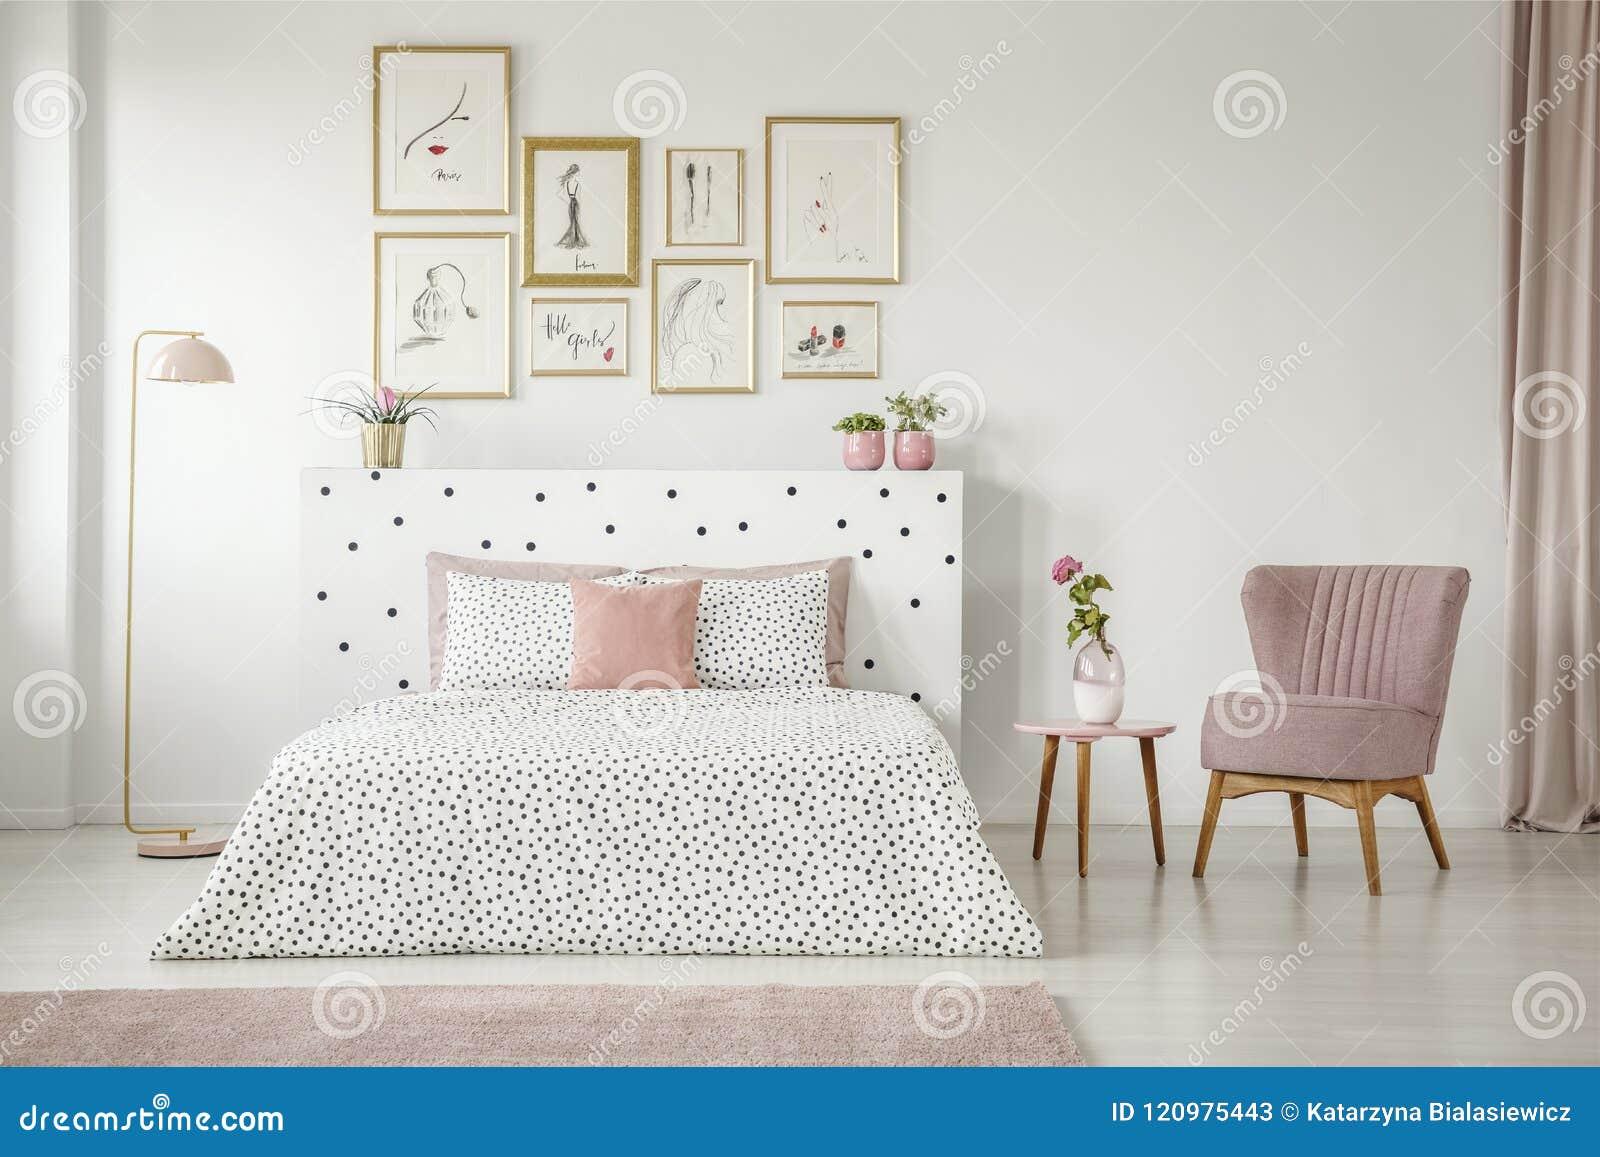 Kobiecy Sypialni Wnętrze Z Białymi ścianami Polki Kropki